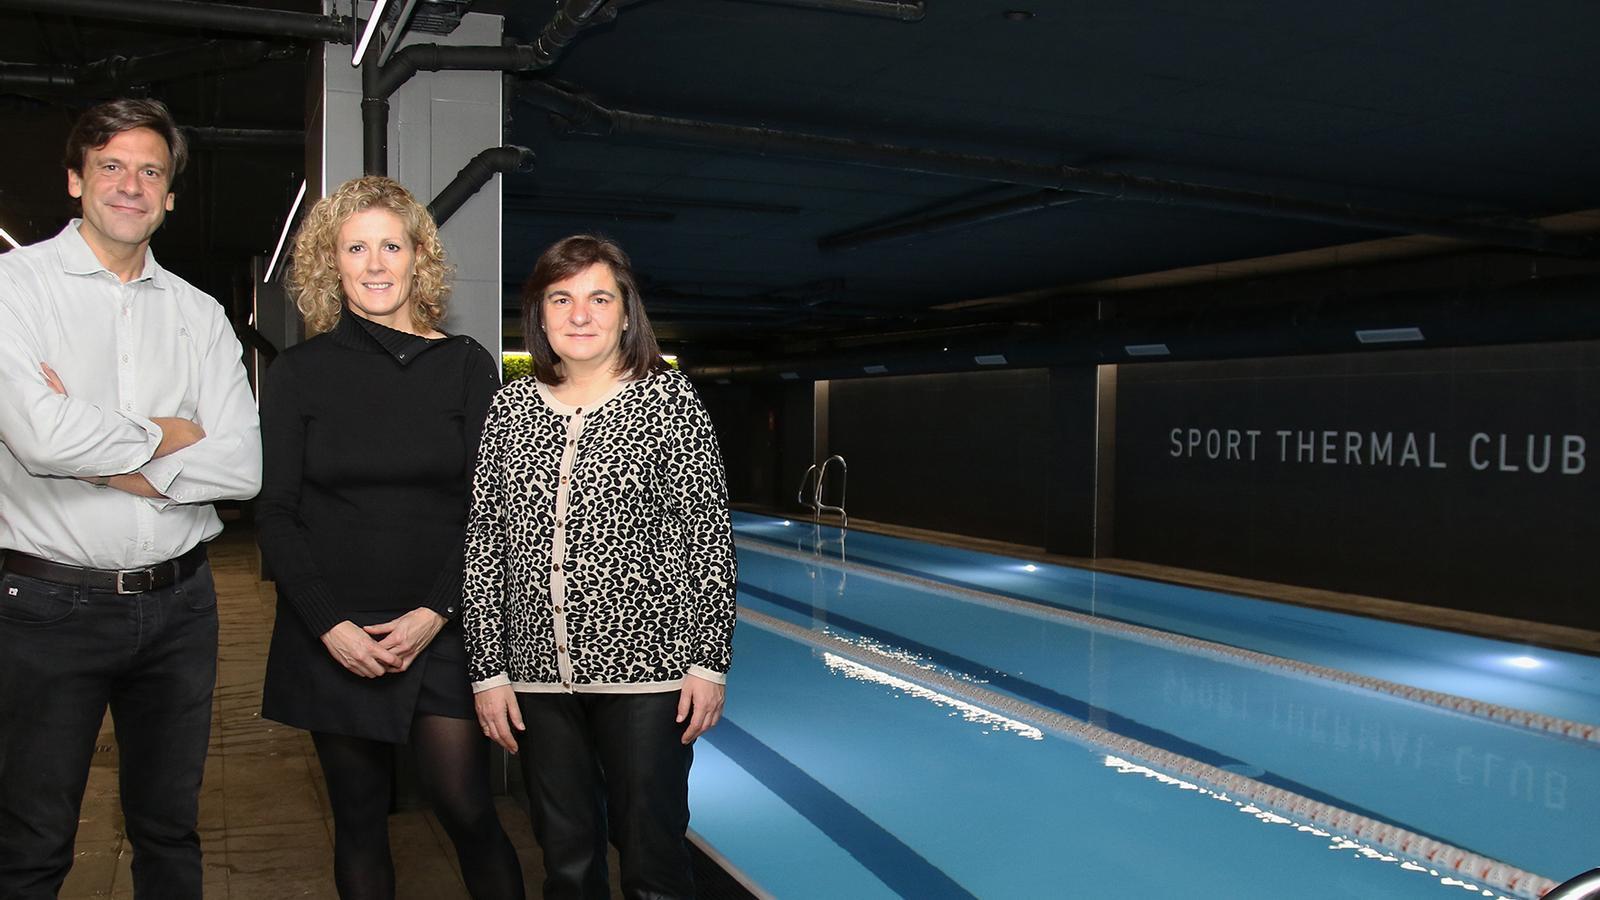 El director general de Caldea, Miguel Pedregal; la presidenta del Consell d'Administració de Semtee, i la cònsol major d'Escaldes-Engordany, Trini Marín, durant la inauguració de la nova piscina de Caldea. / CALDEA